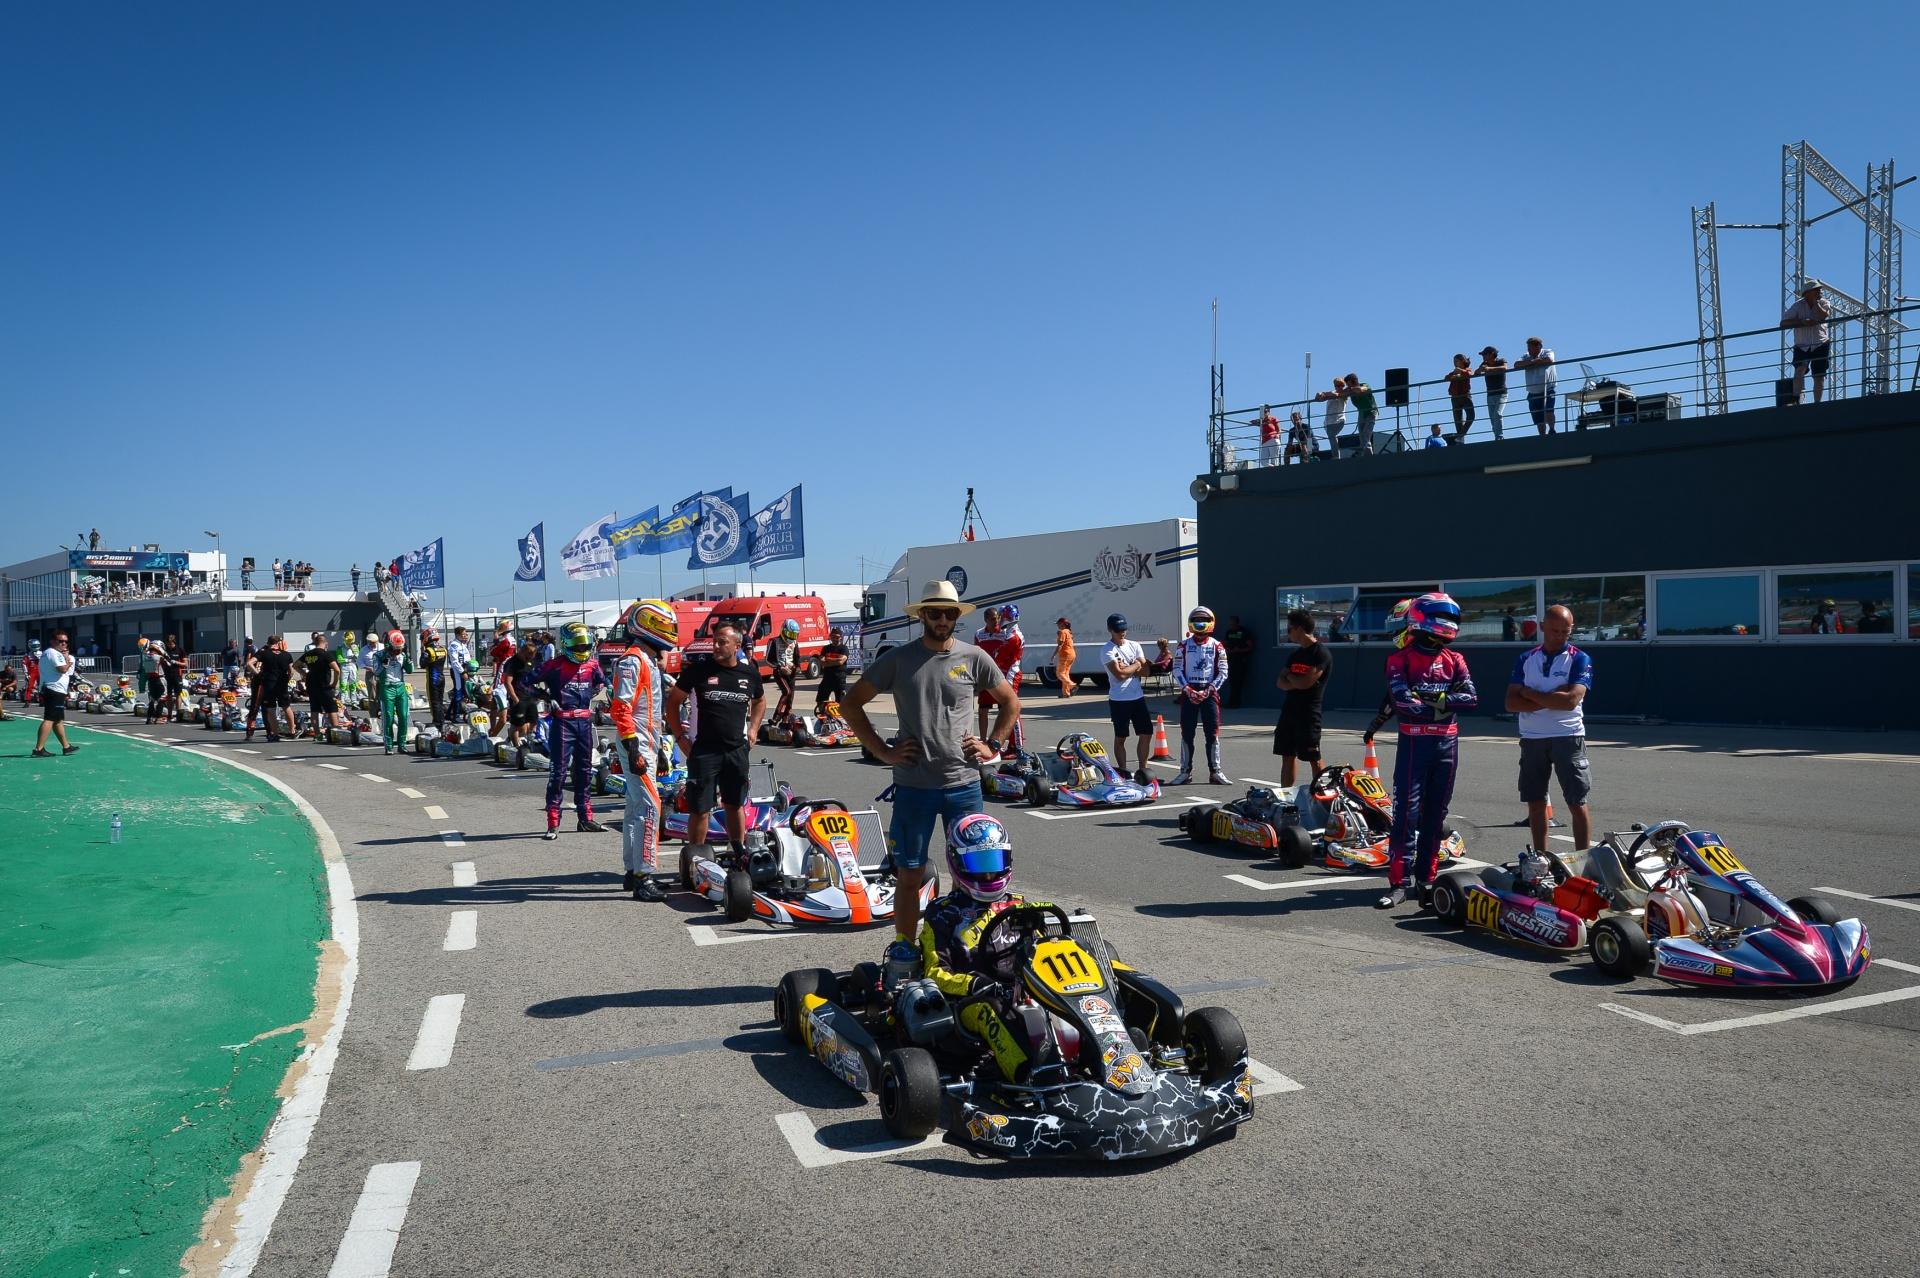 Campeonato do Mundo de Karting 2020 OK e OK-Júnior vai realizar-se em Portimão